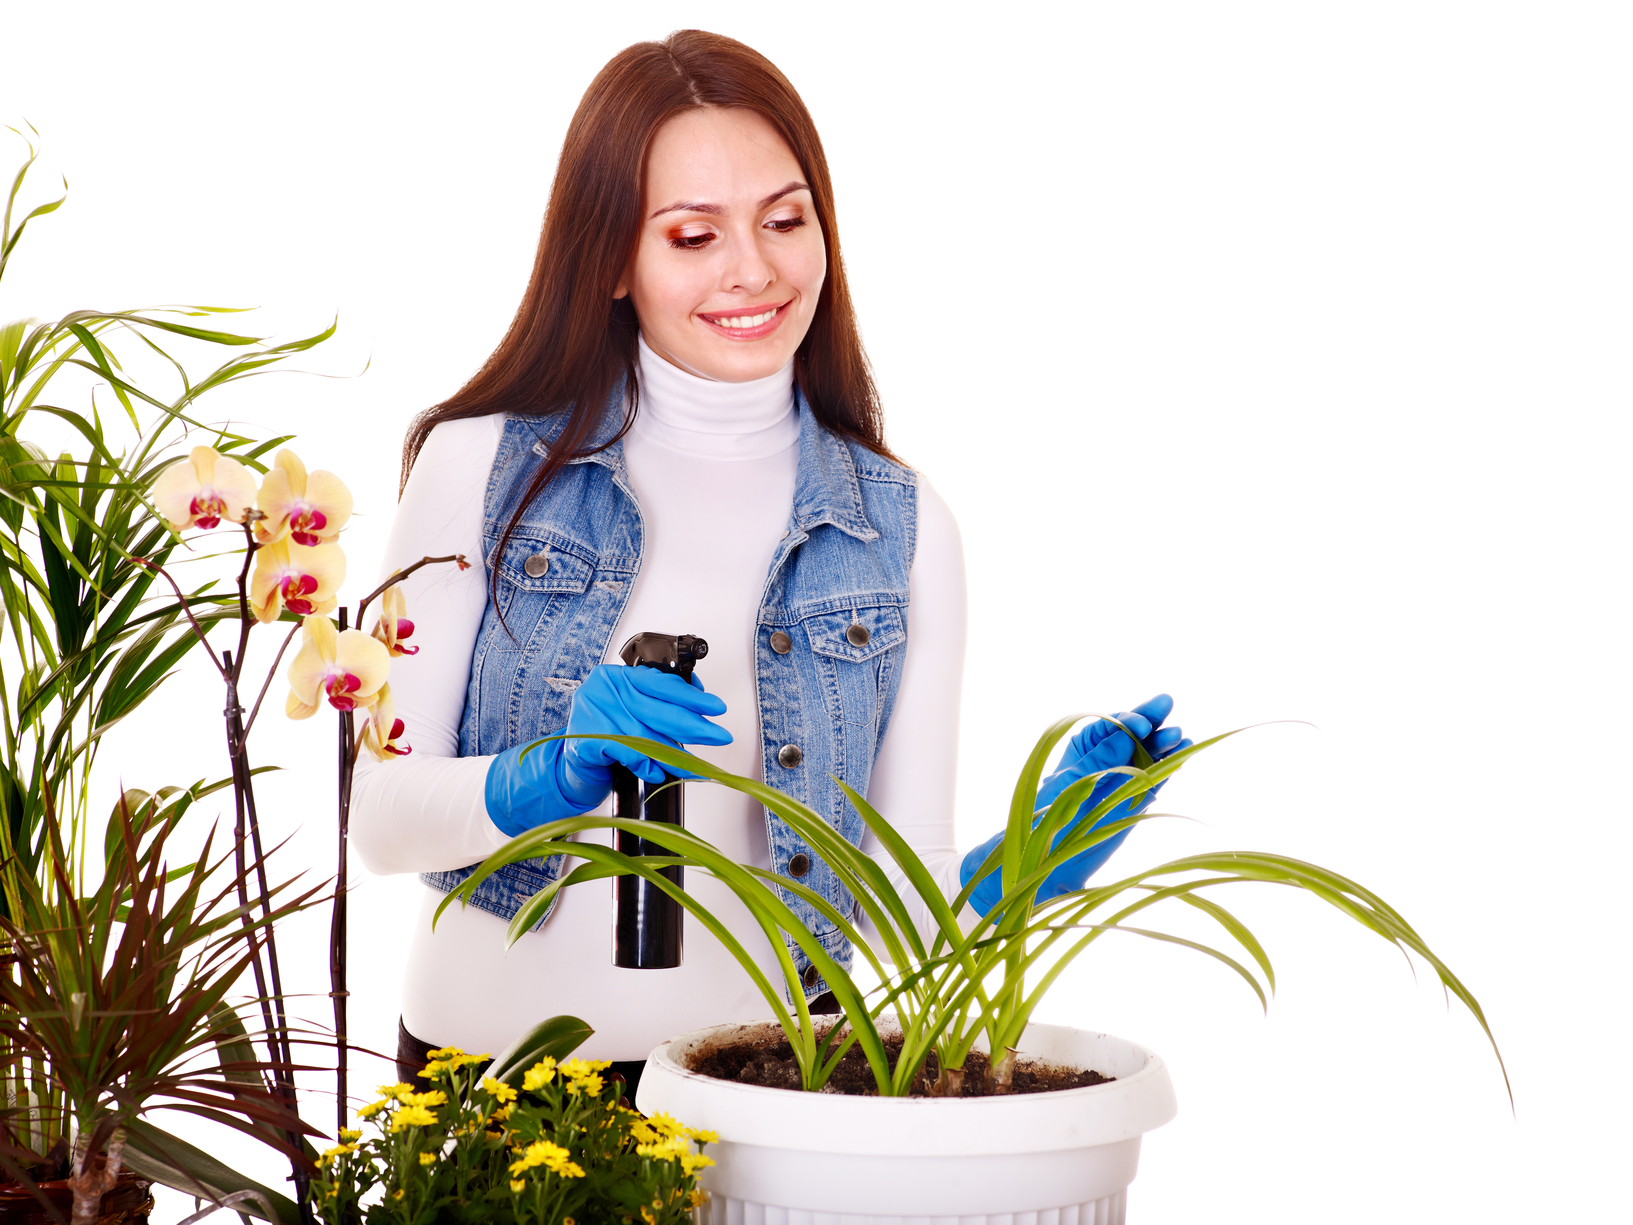 Каталог комнатных цветов, выращиваемых в домашних условиях, особенности